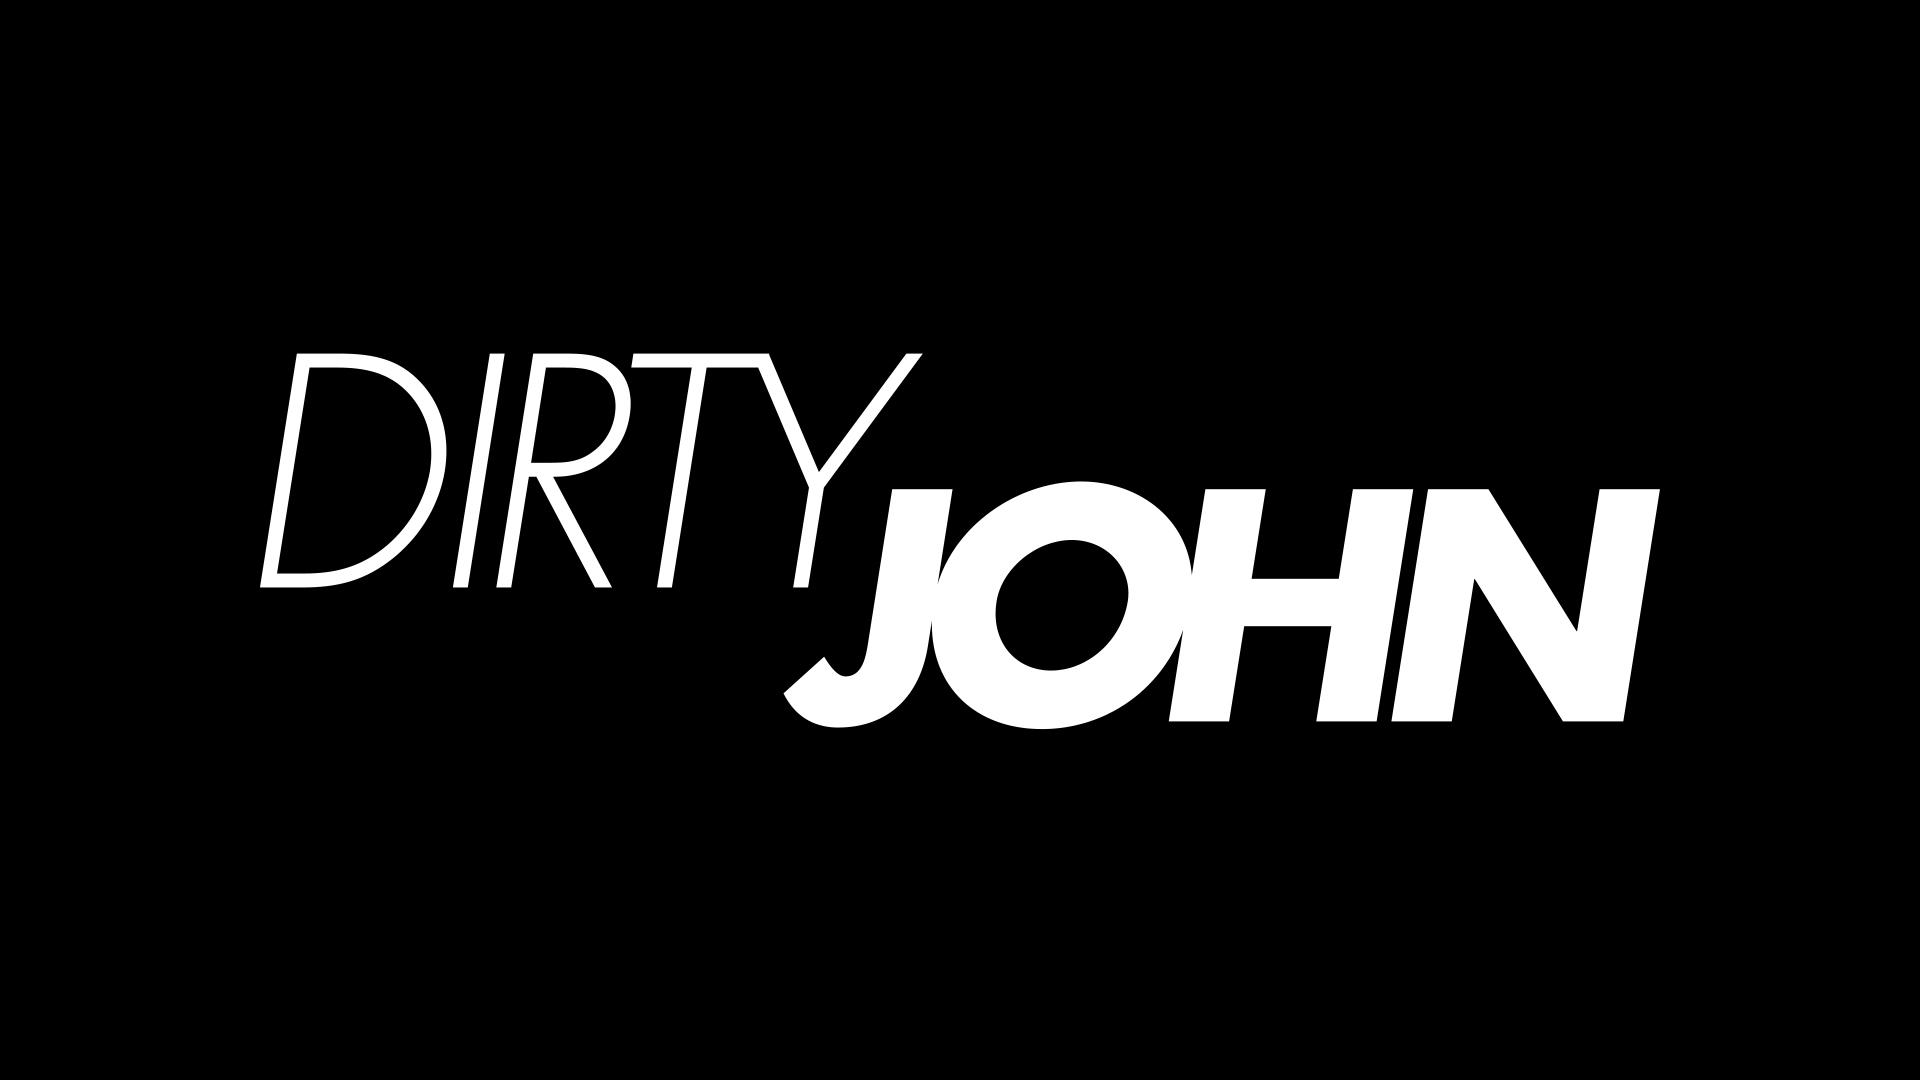 Premièredatum voor Dirty John seizoen twee